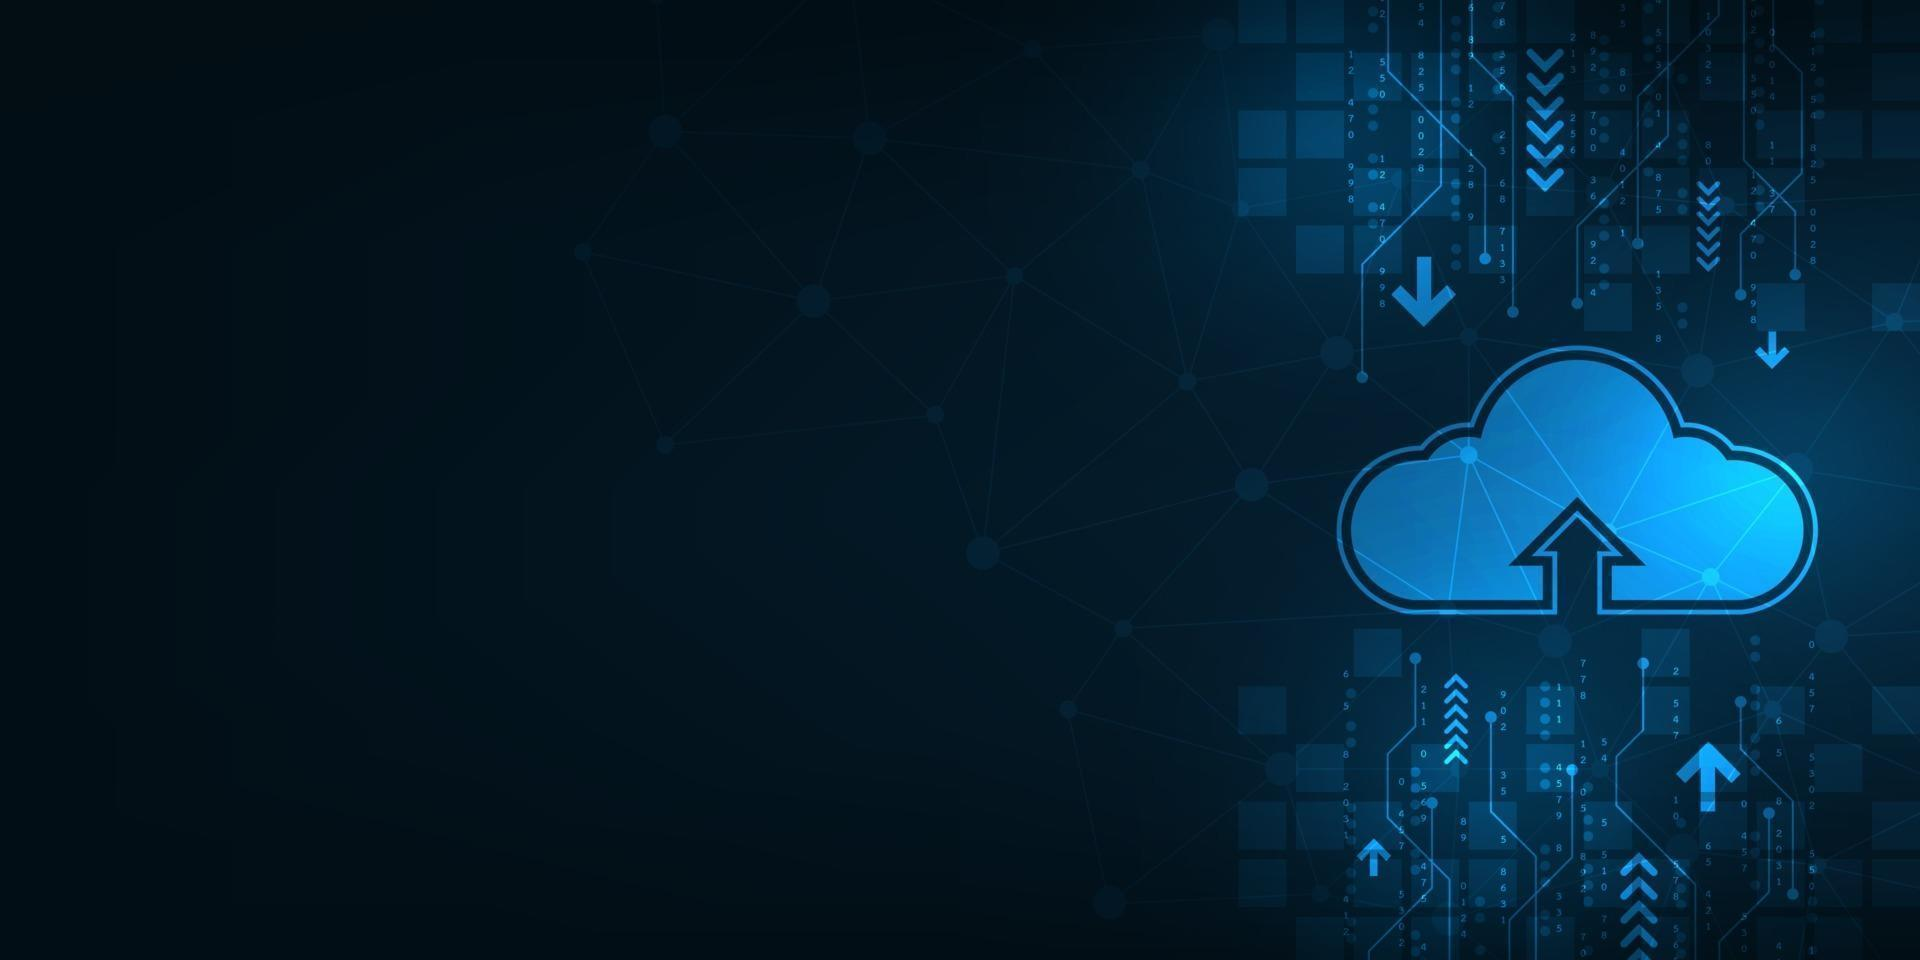 interfaccia cloud che mostra il caricamento dei dati su Internet. vettore